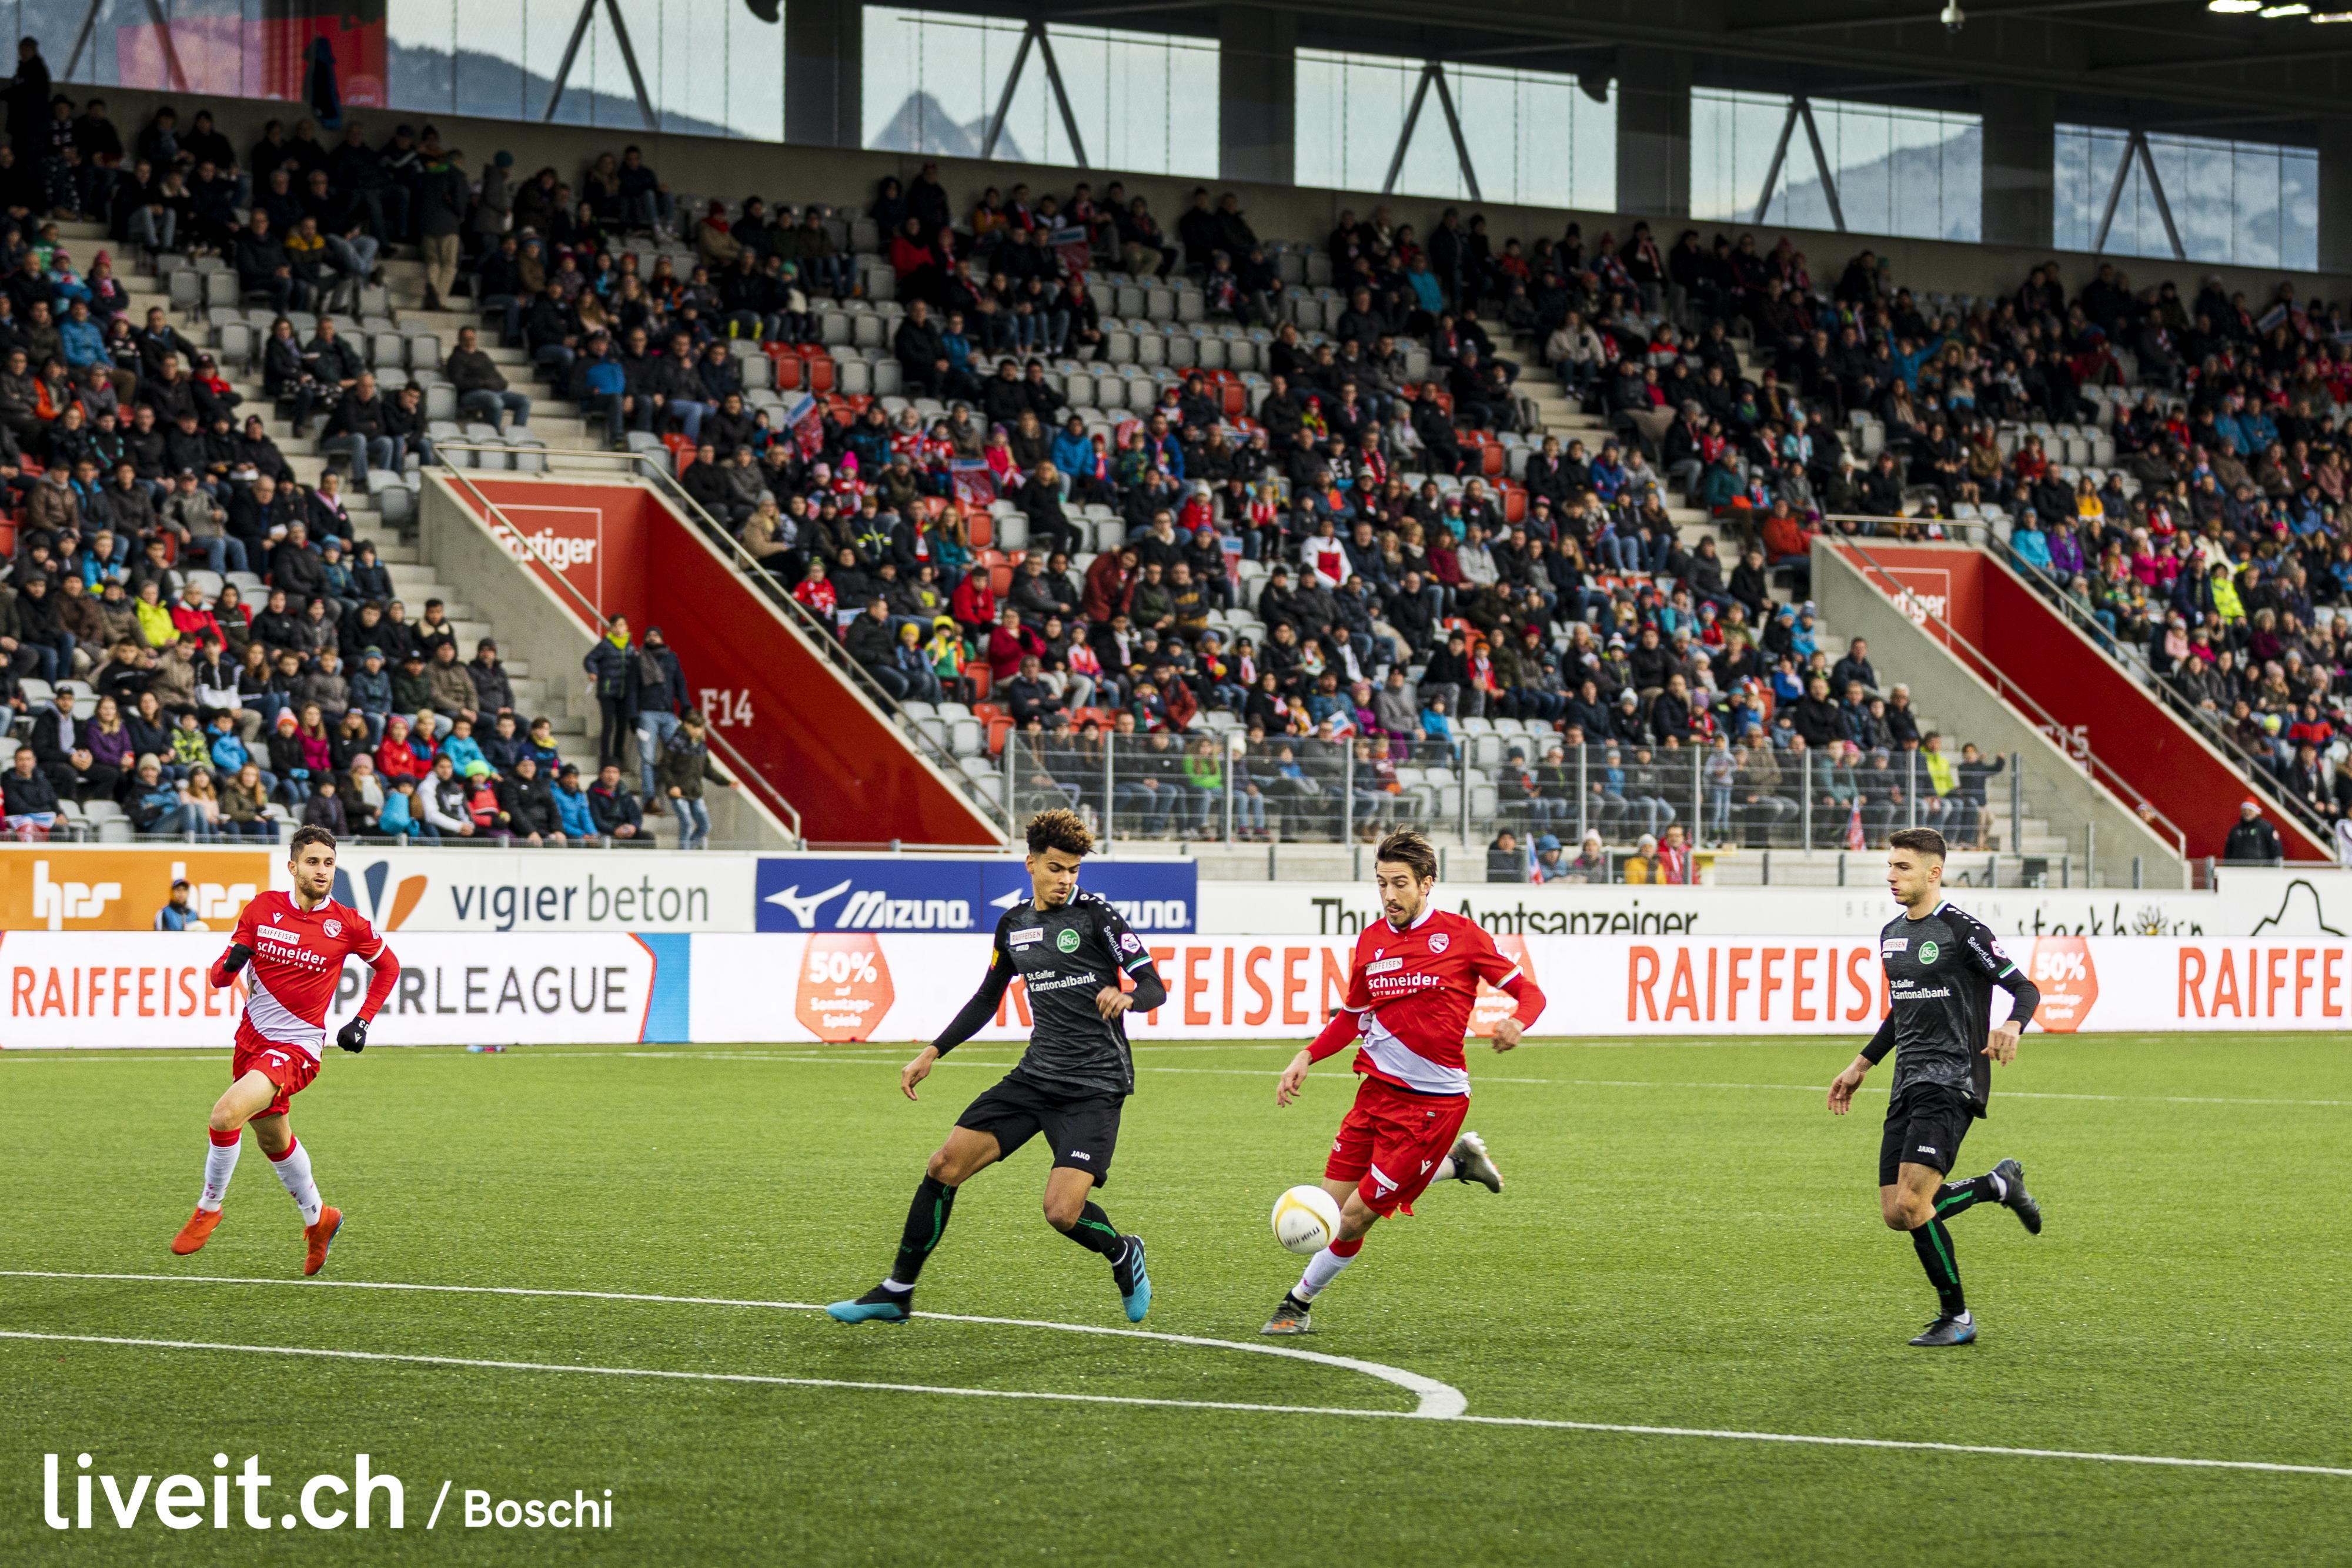 Fussballmatch Fc Thun vs. St.Gallen in der Stockhorn Arena Thun. (liveit.ch/boschi)